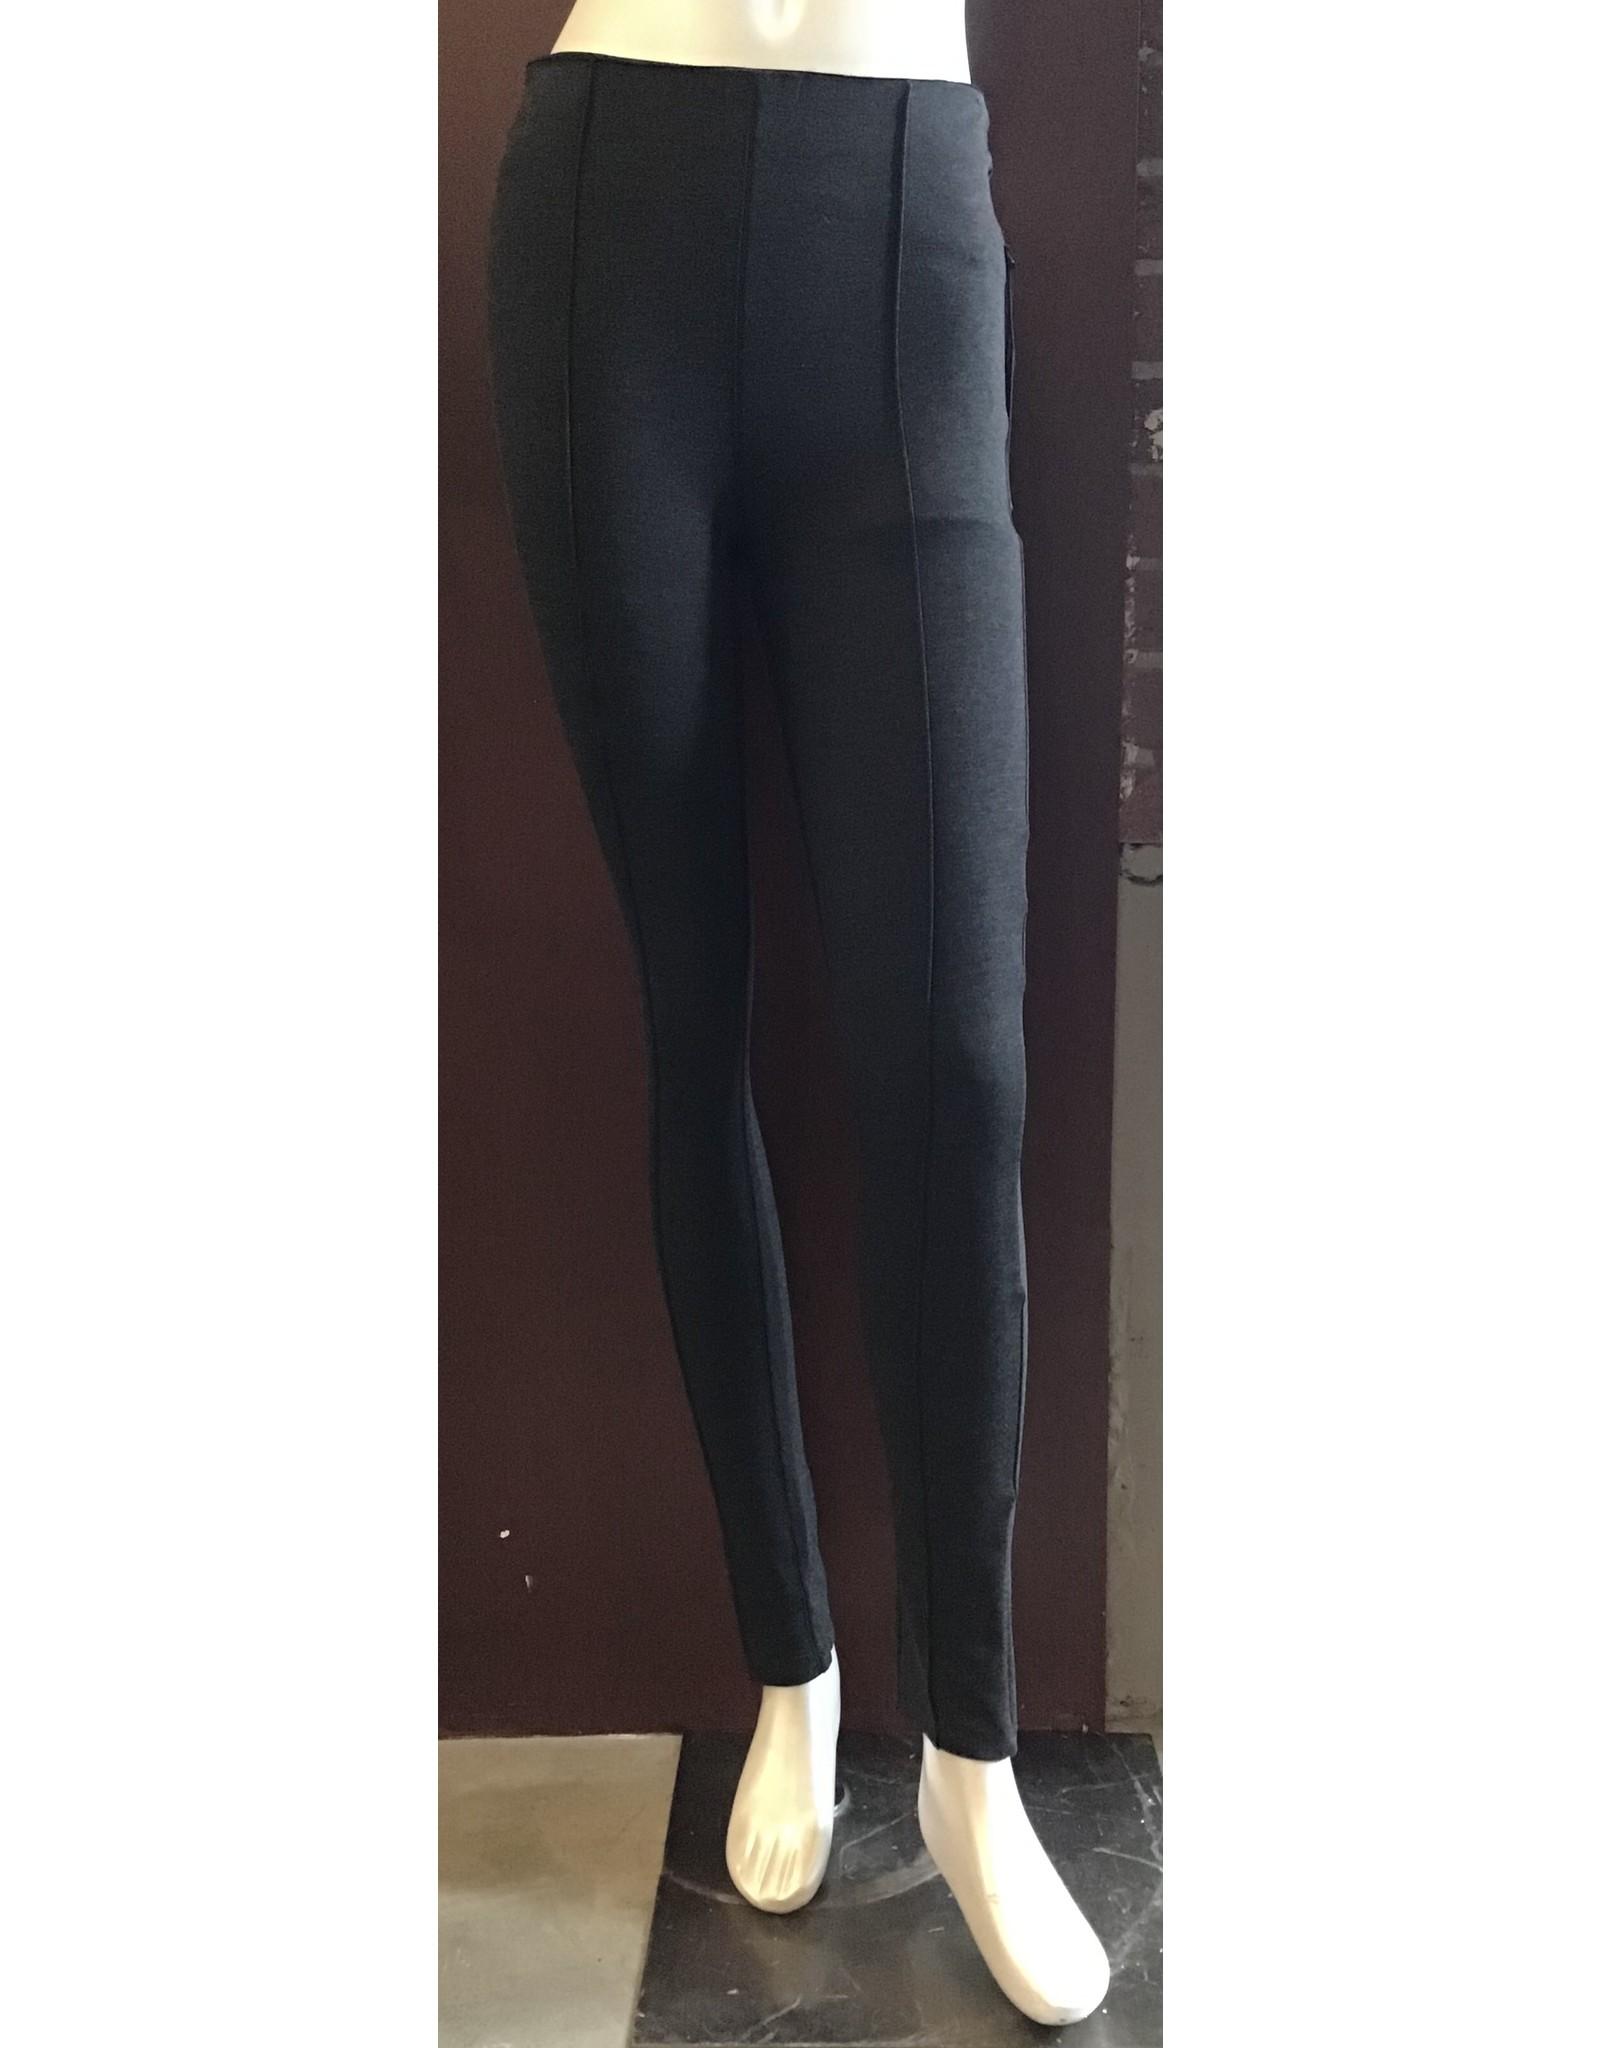 Black Tape Leggings Pintuck Grey